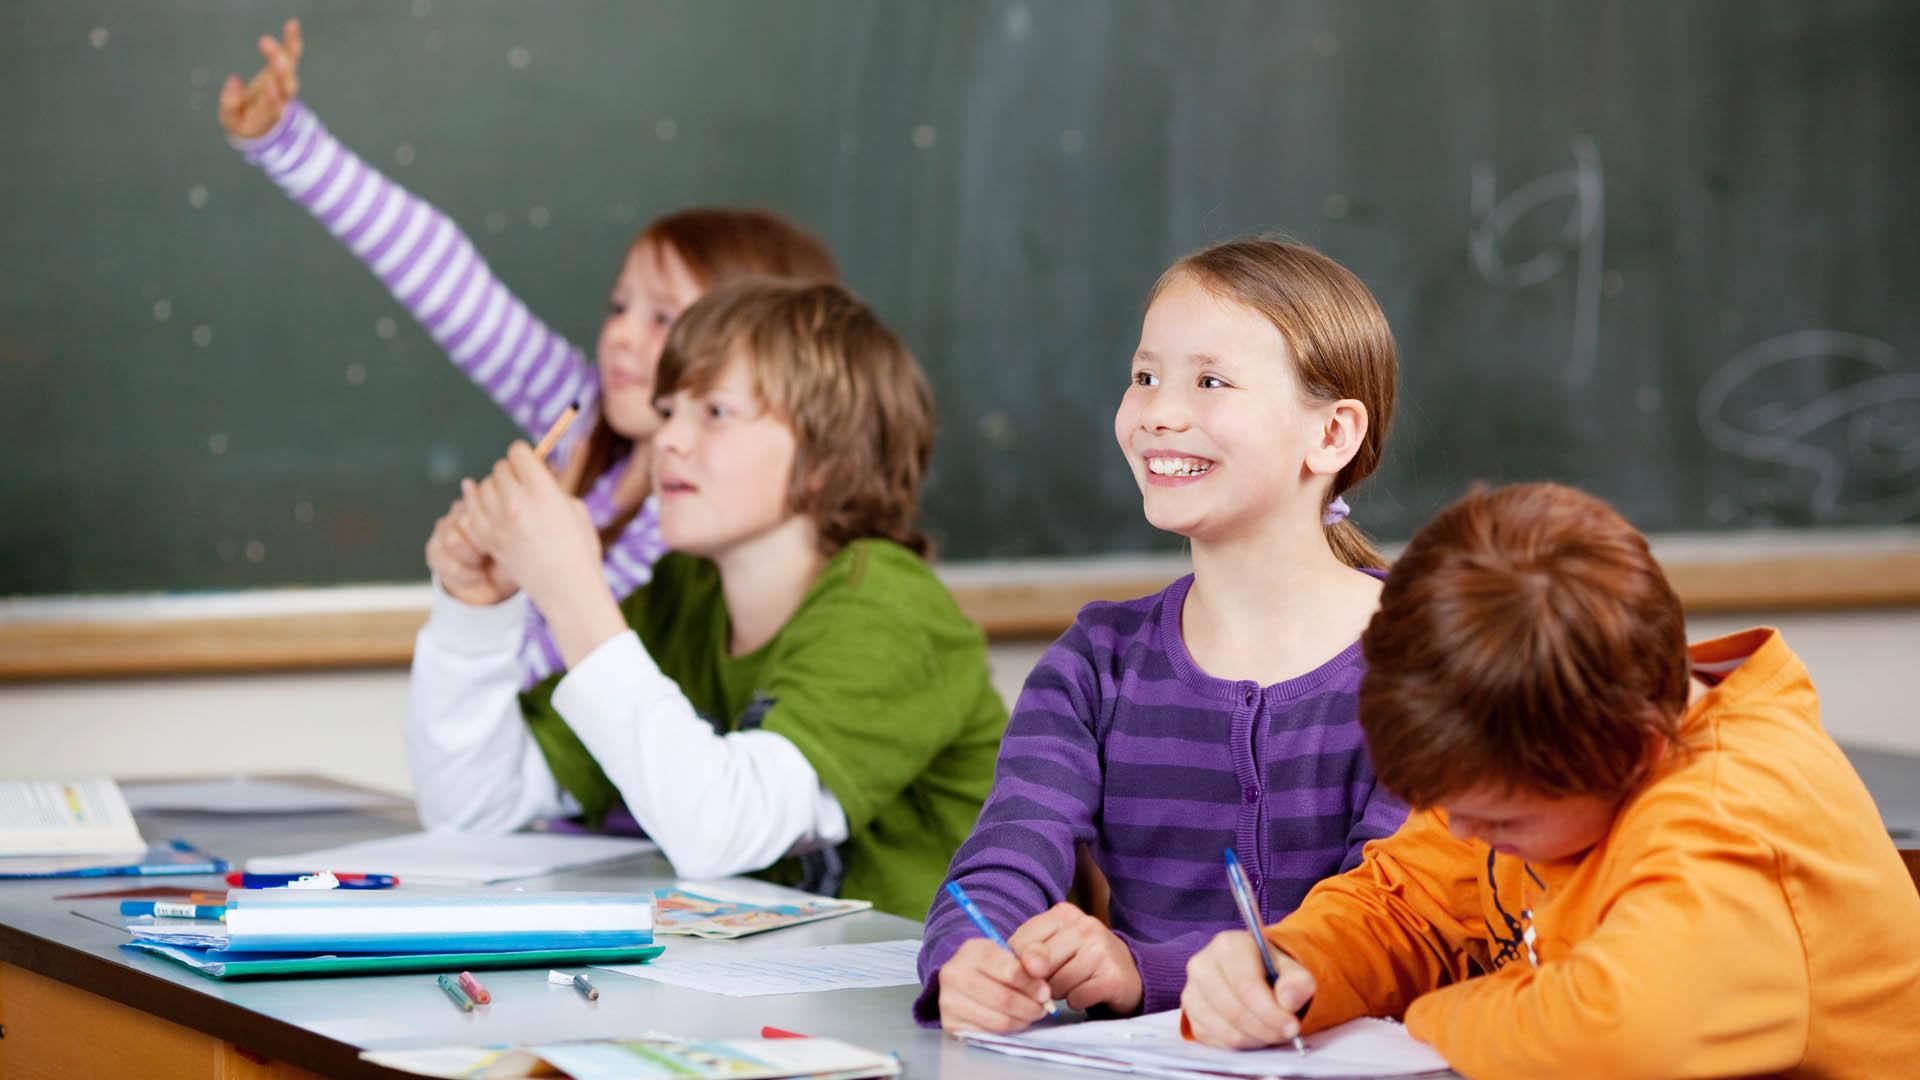 Schüler sollen sich mit den Auffassungen anderer unvoreingenommen auseinandersetzen, heißt es im hessischen Schulgesetz